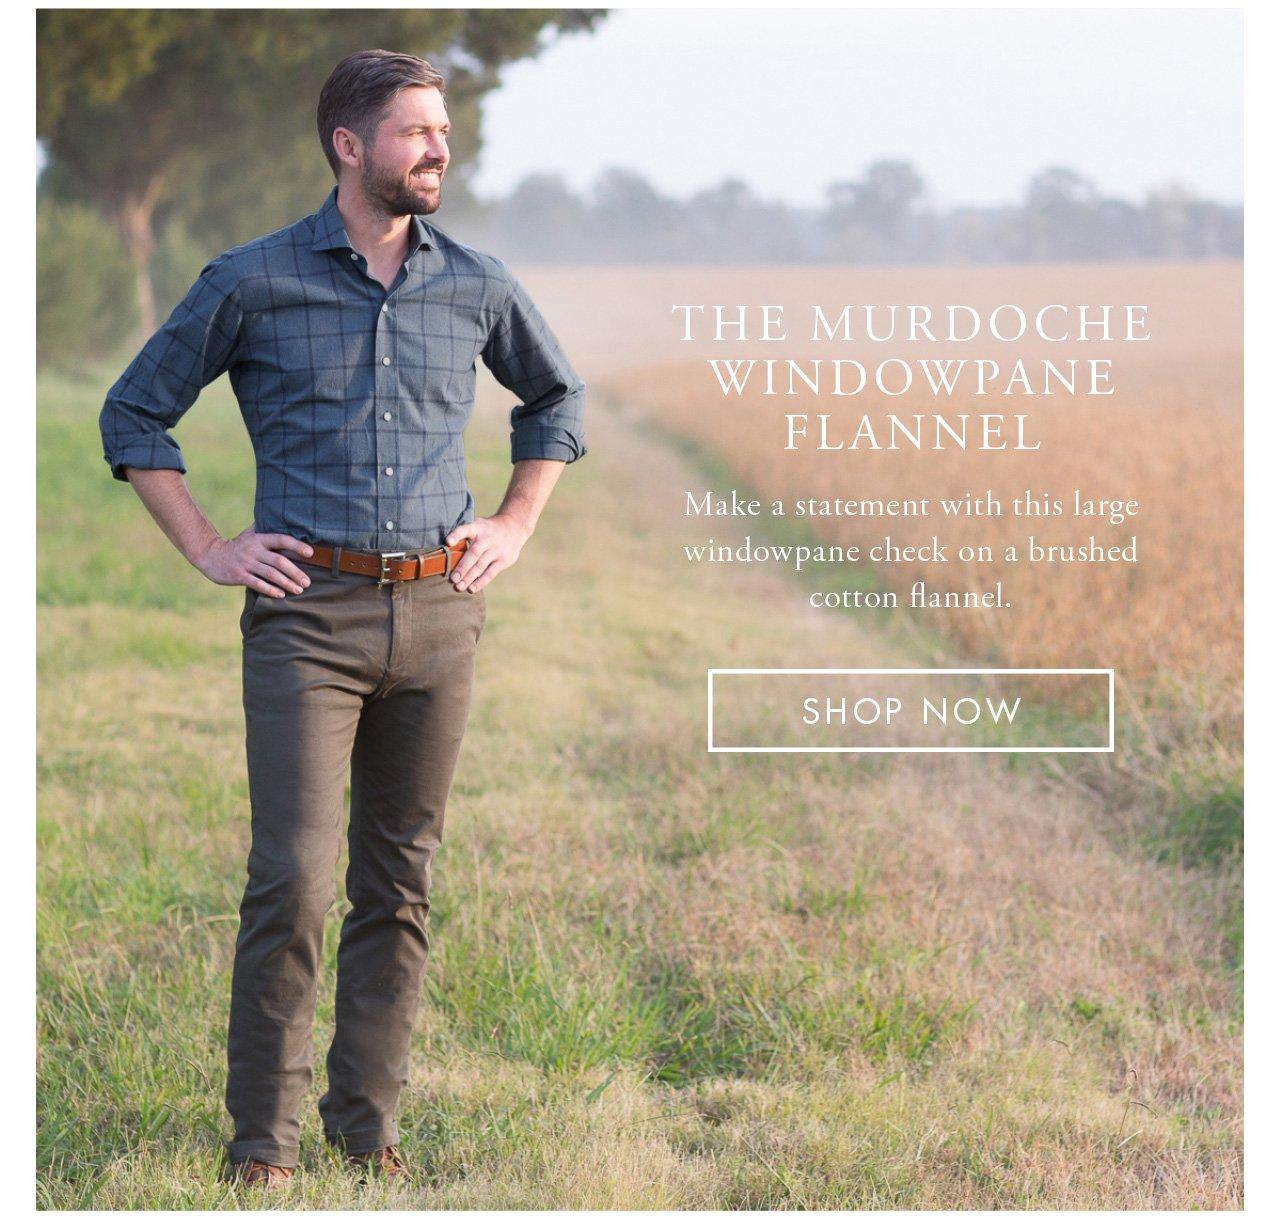 The Murdoche Windowpane Flannel